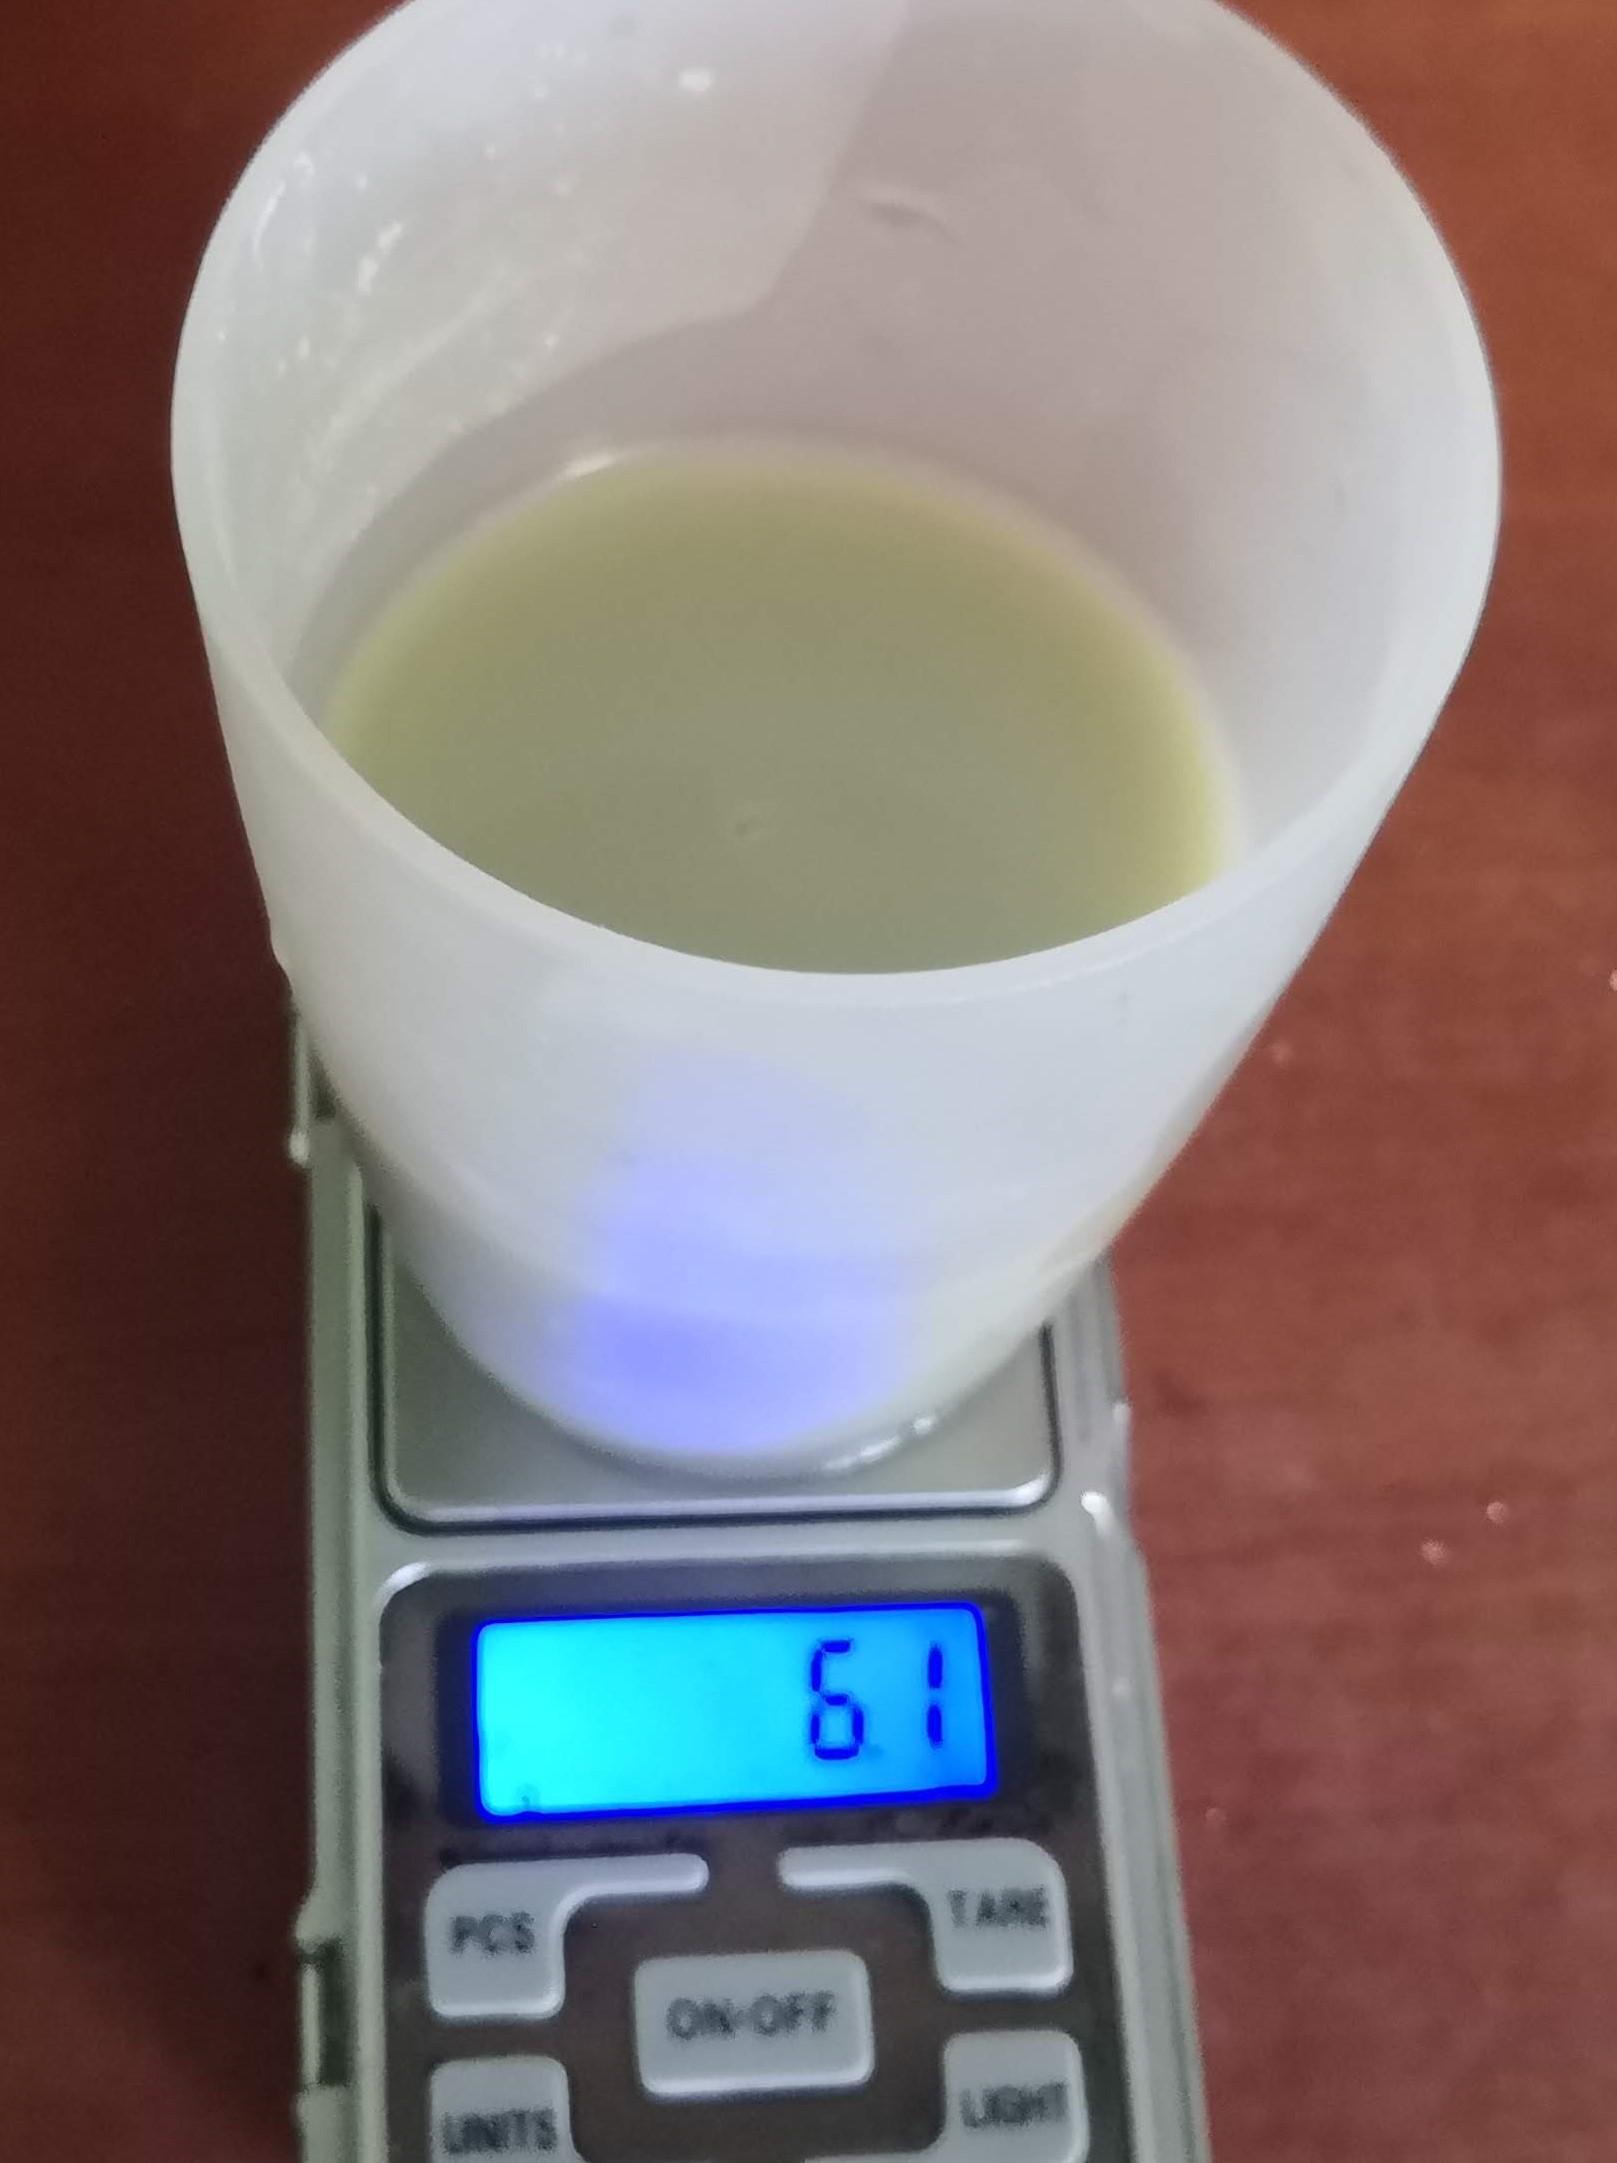 Odvážení OxyBioAkva na váze pro 300 litrové akvárium